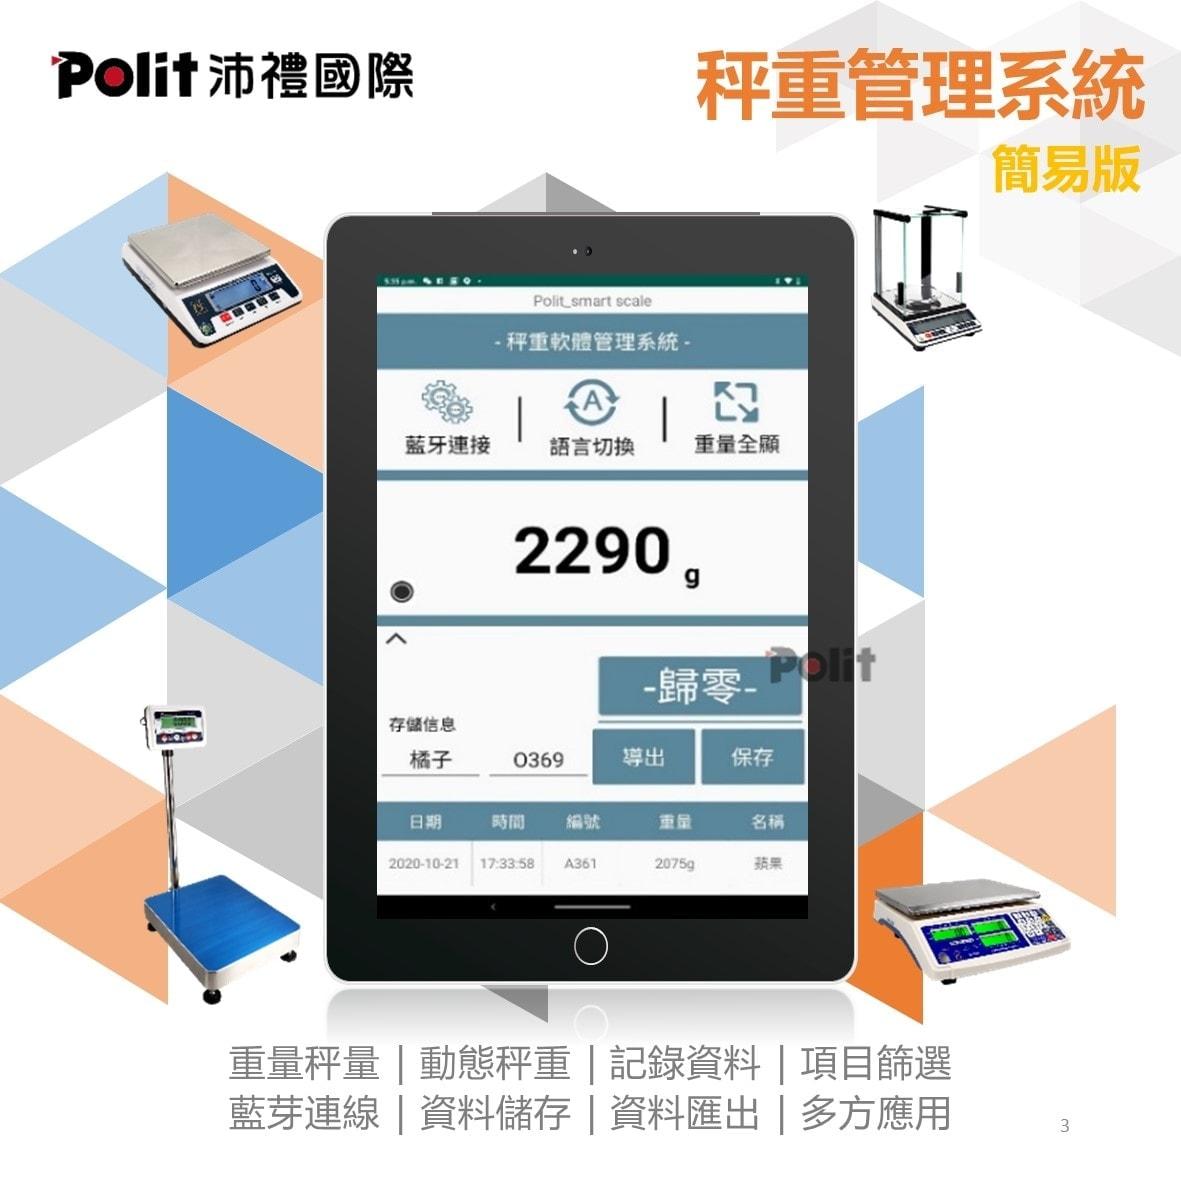 SCALE APP 秤重管理系統 智能秤 | 沛禮國際 Polit 電子秤專賣